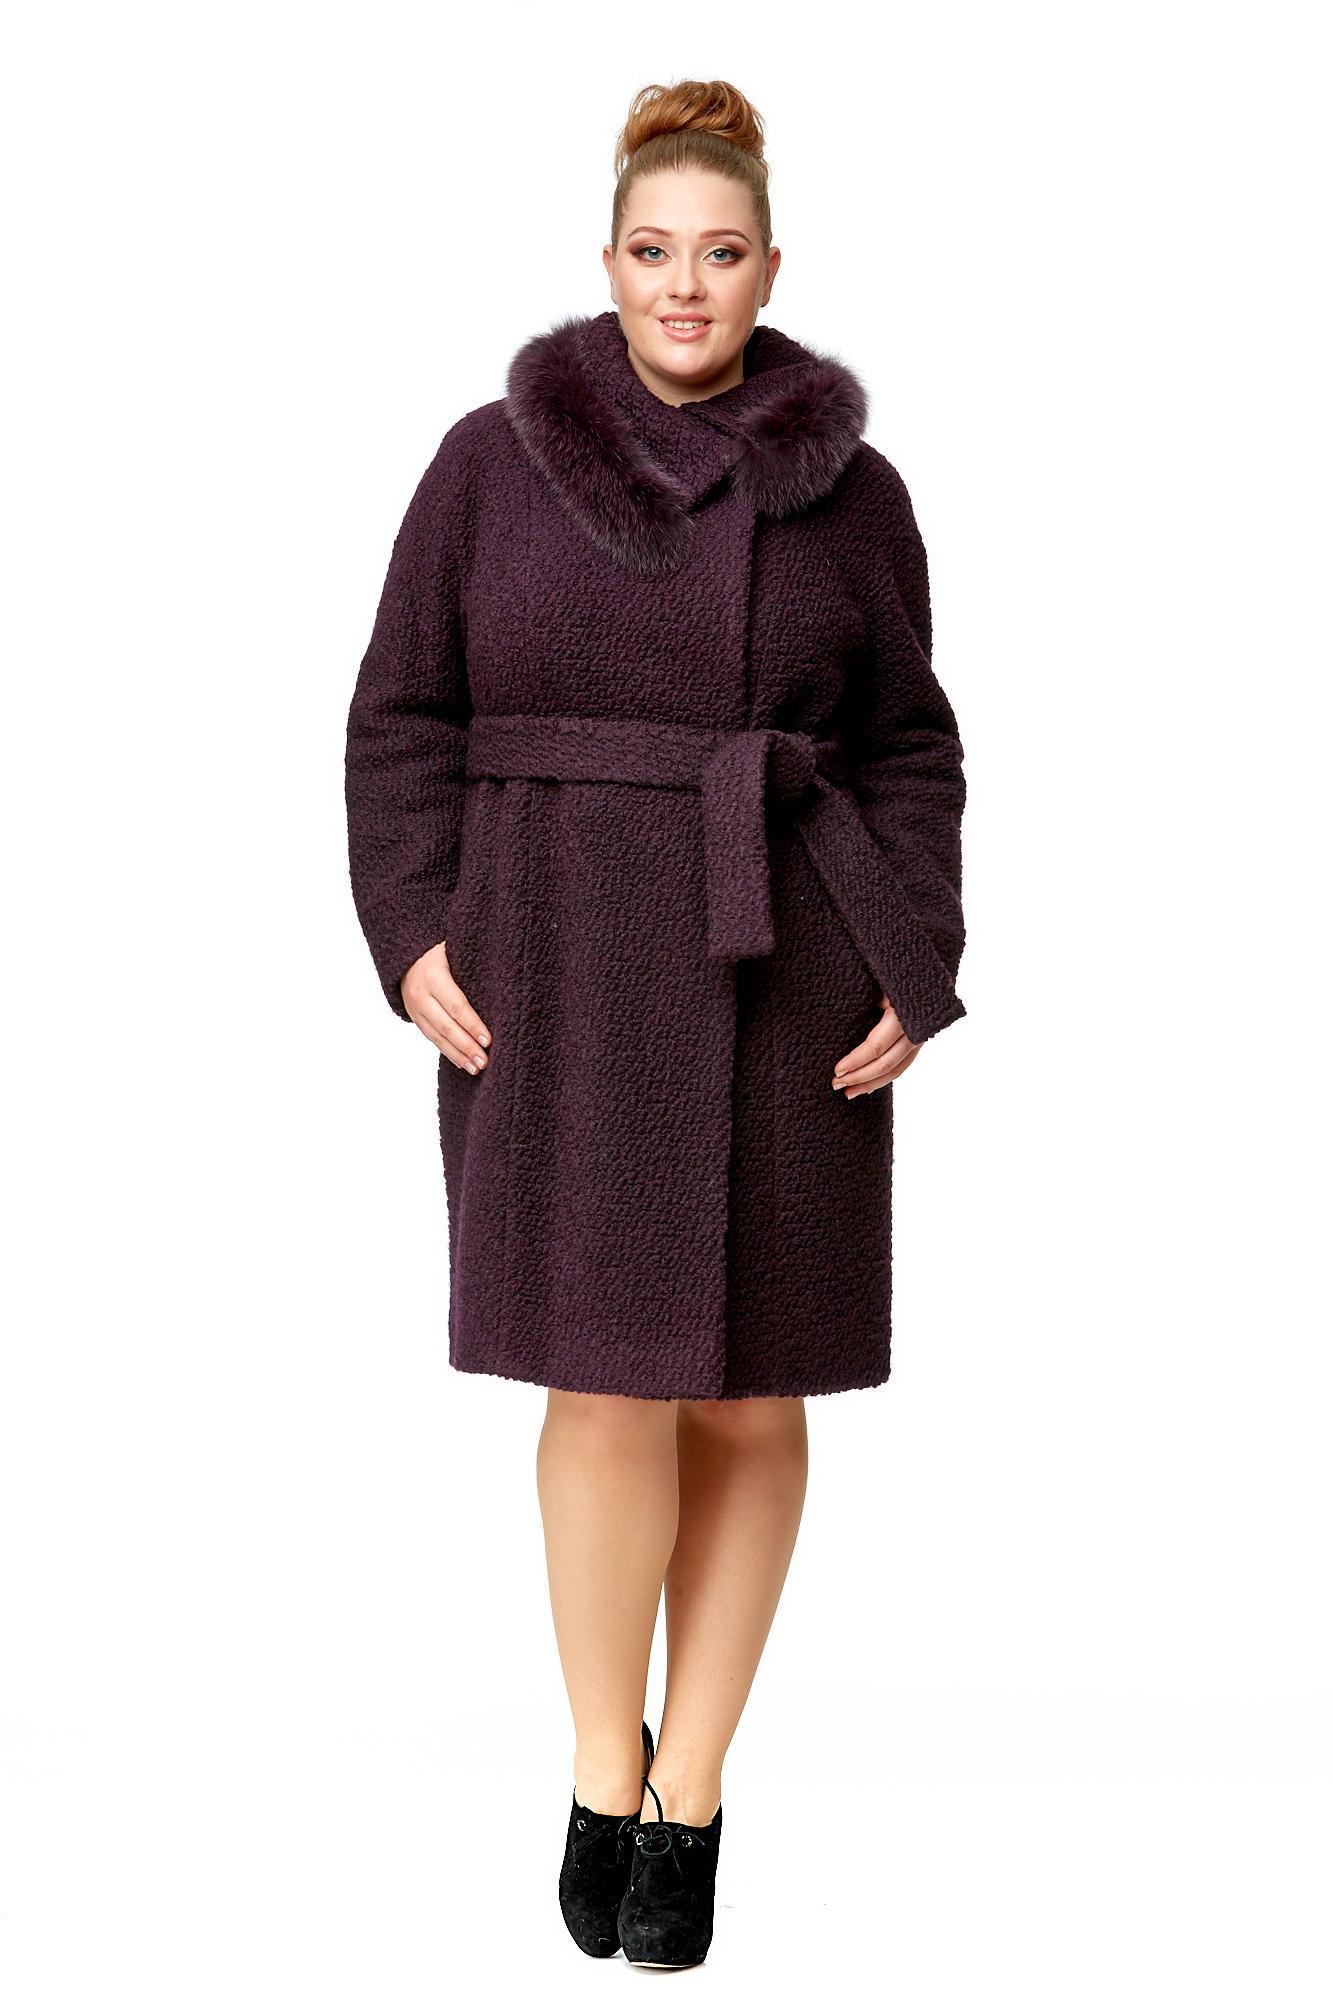 Купить со скидкой Женское пальто из текстиля с воротником, отделка песец